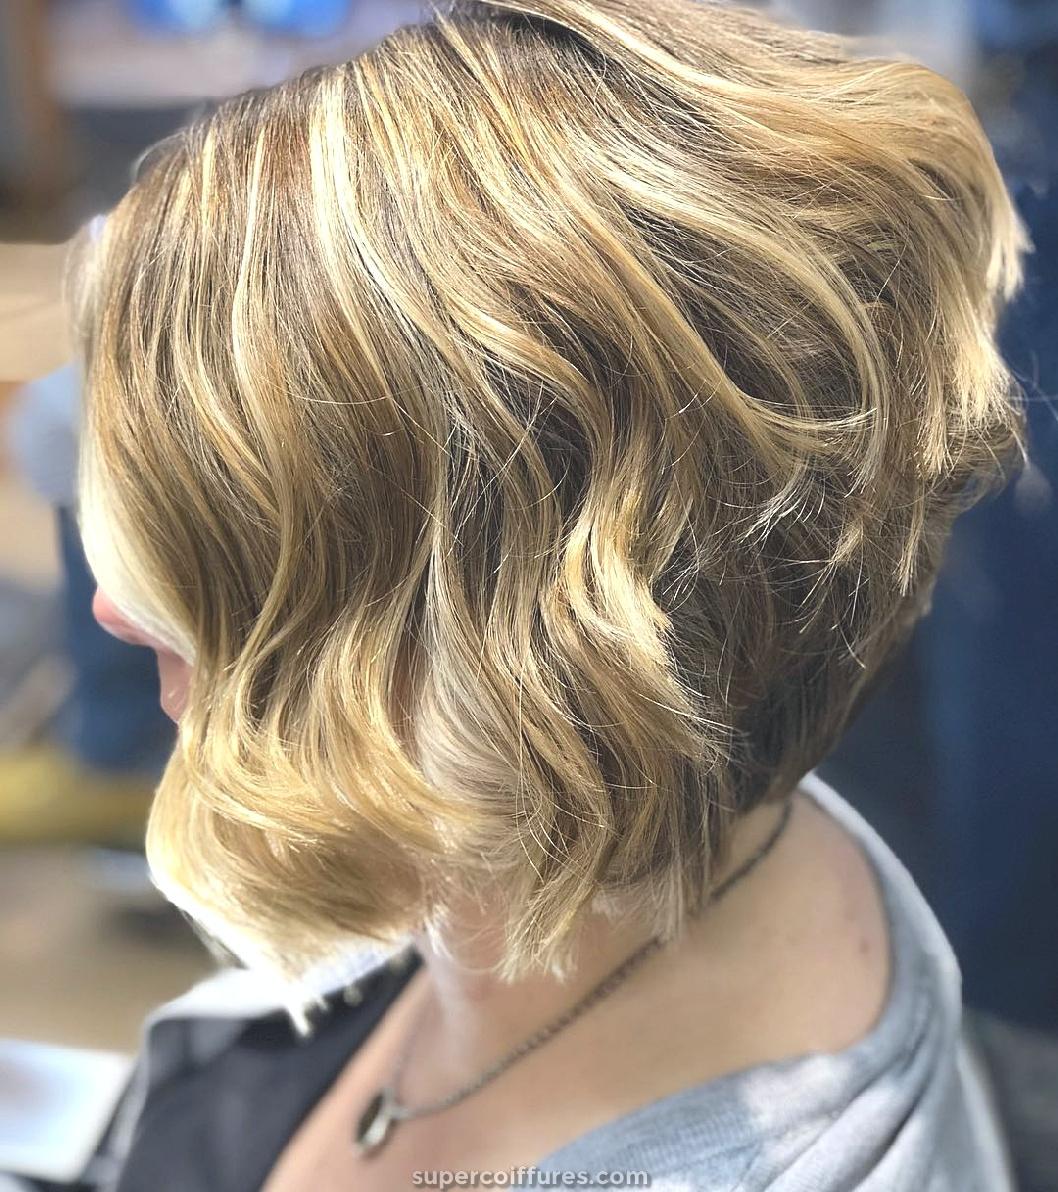 20 coupes de cheveux super cool et mignons empilés pour les femmes